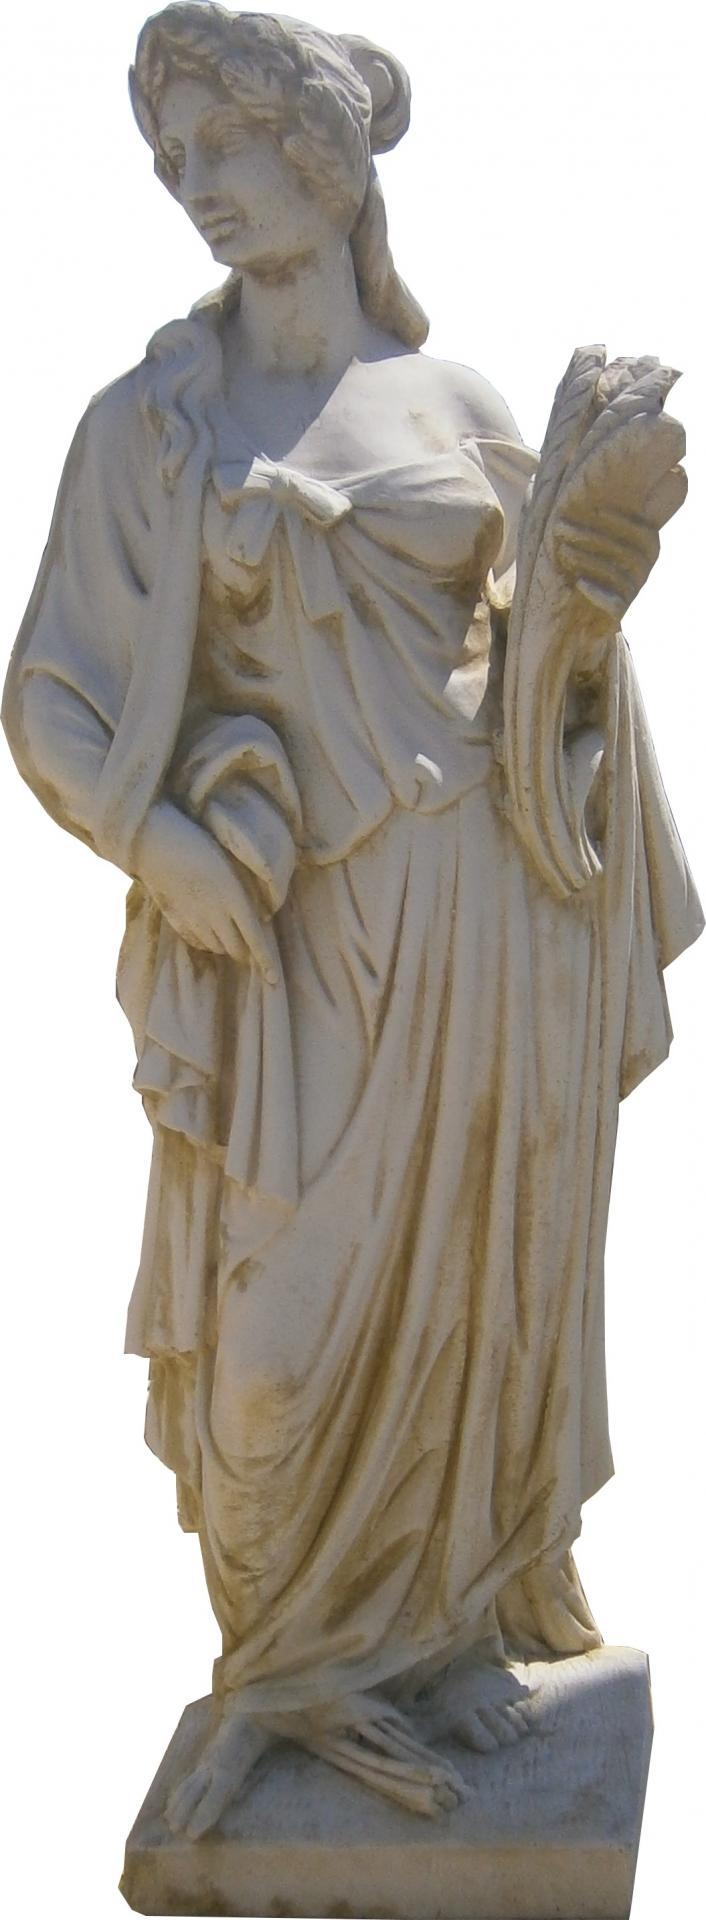 statue d 39 une femme en pierre reconstitu e. Black Bedroom Furniture Sets. Home Design Ideas